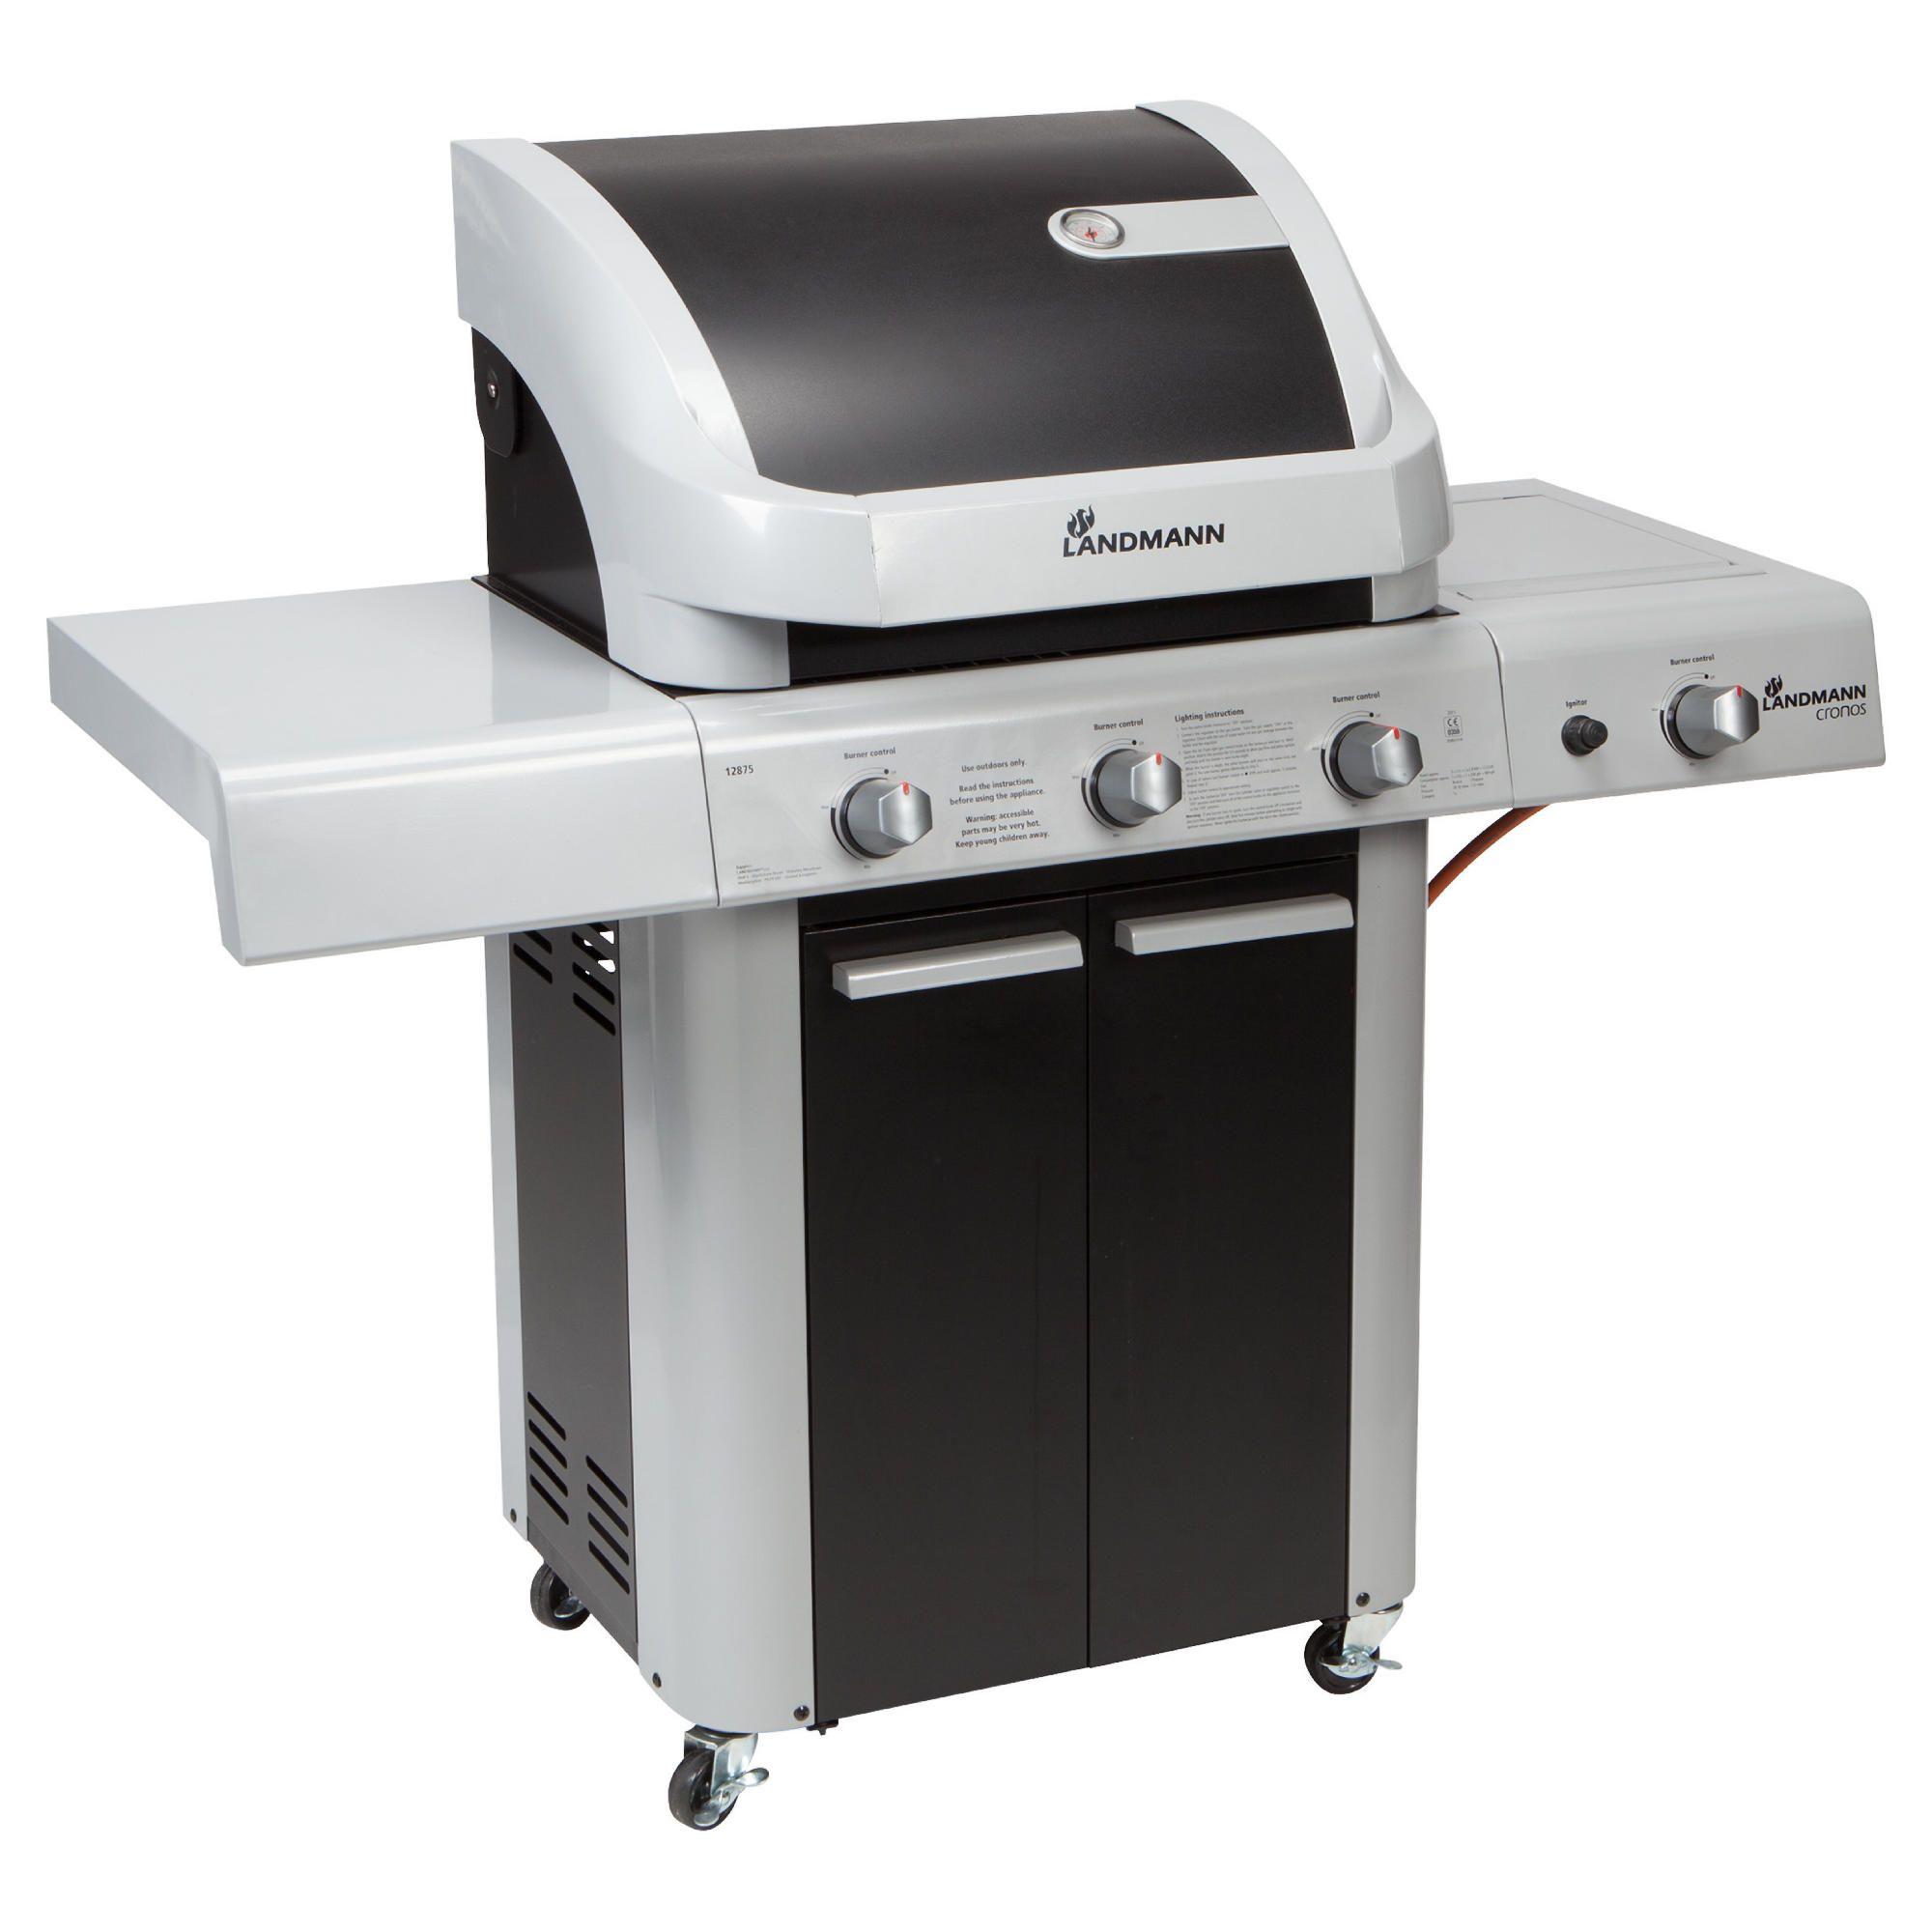 Landmann Cronos Black 3 burner + side burner and cabinet BBQ at Tesco Direct